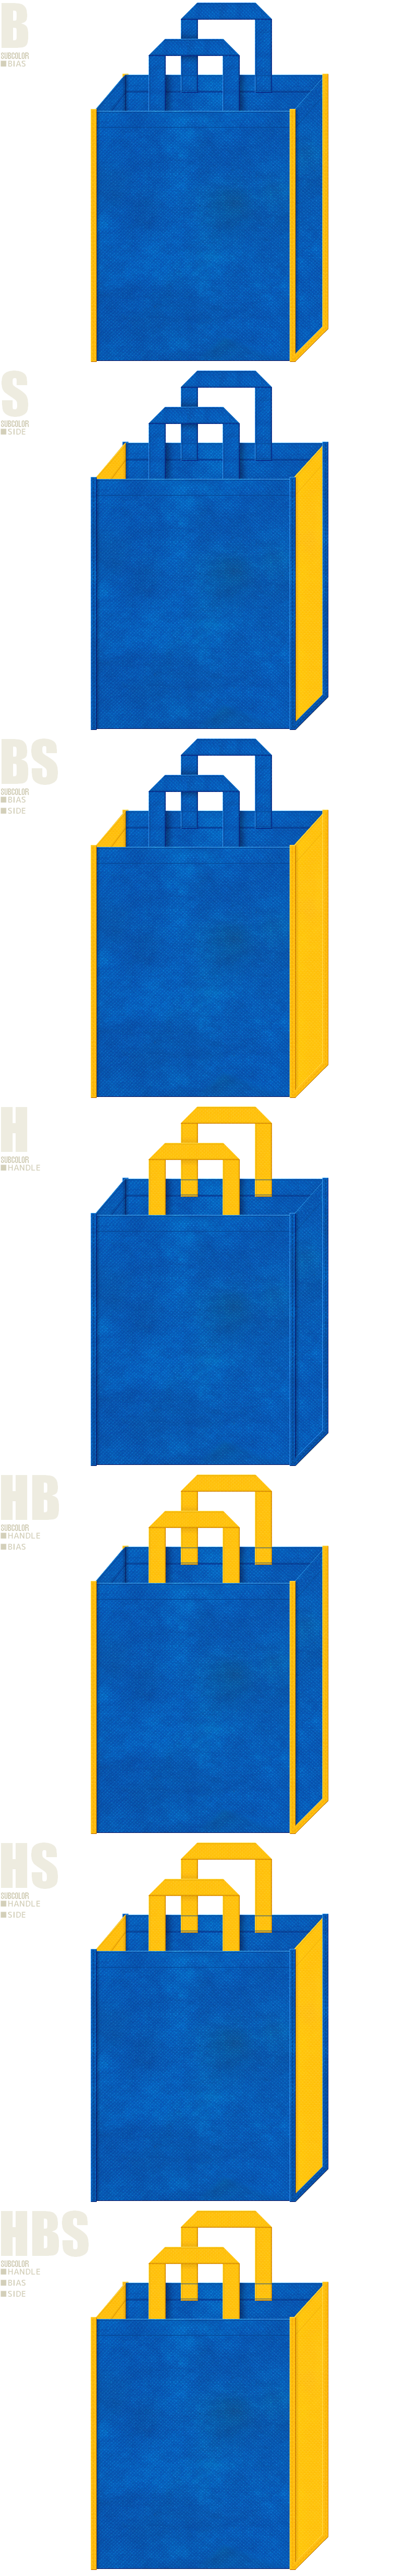 不織布トートバッグのデザイン例-不織布メインカラーNo.22+サブカラーNo.4の2色7パターン